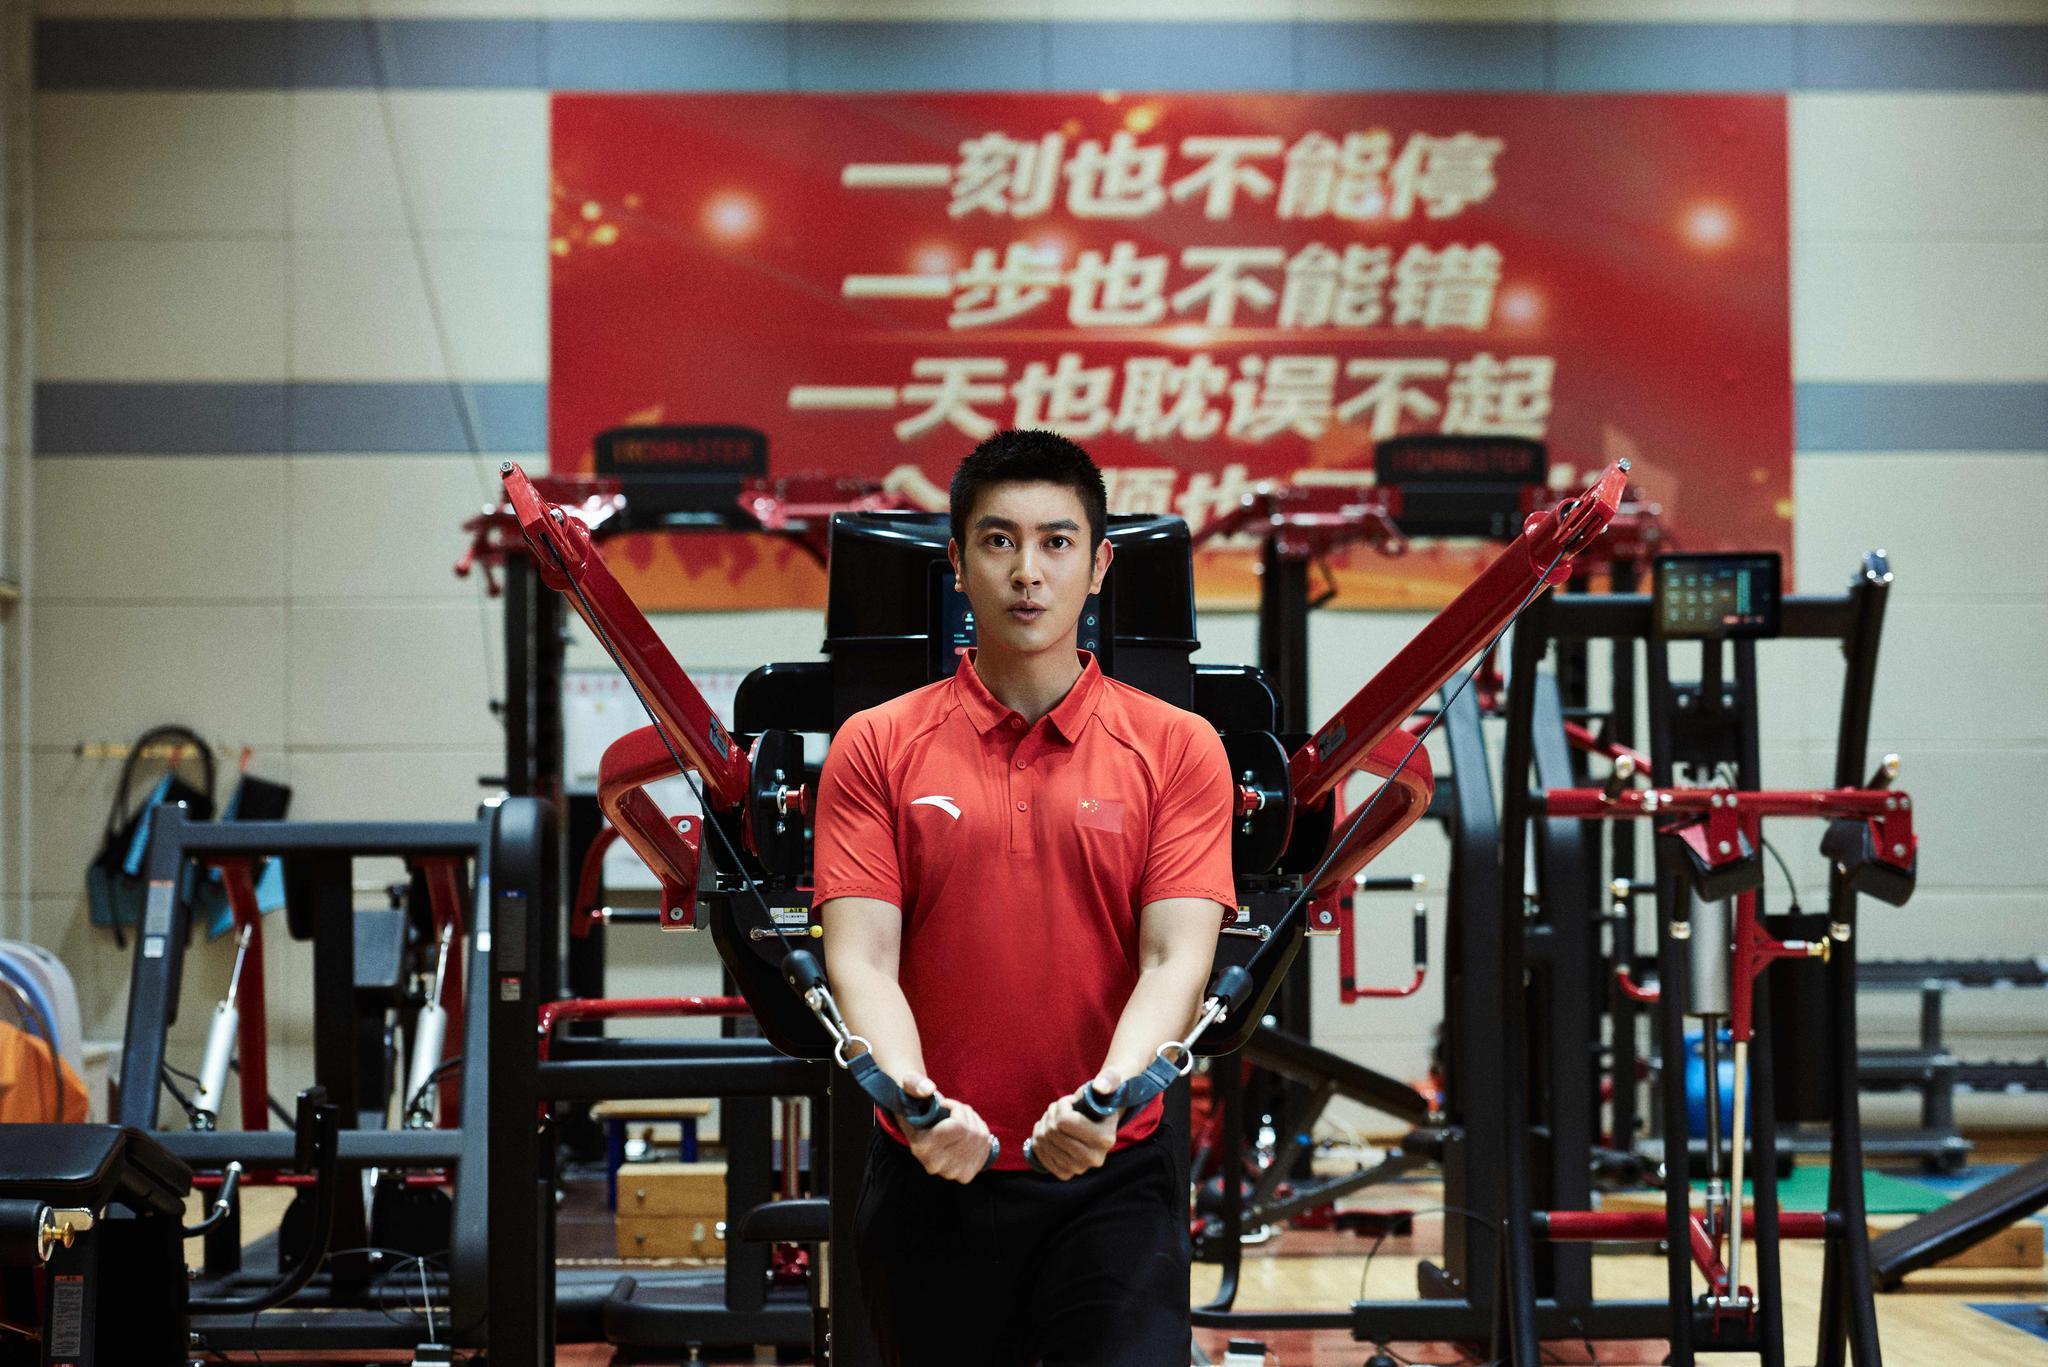 杜江成为中国举重运动推广大使 传播中国力量